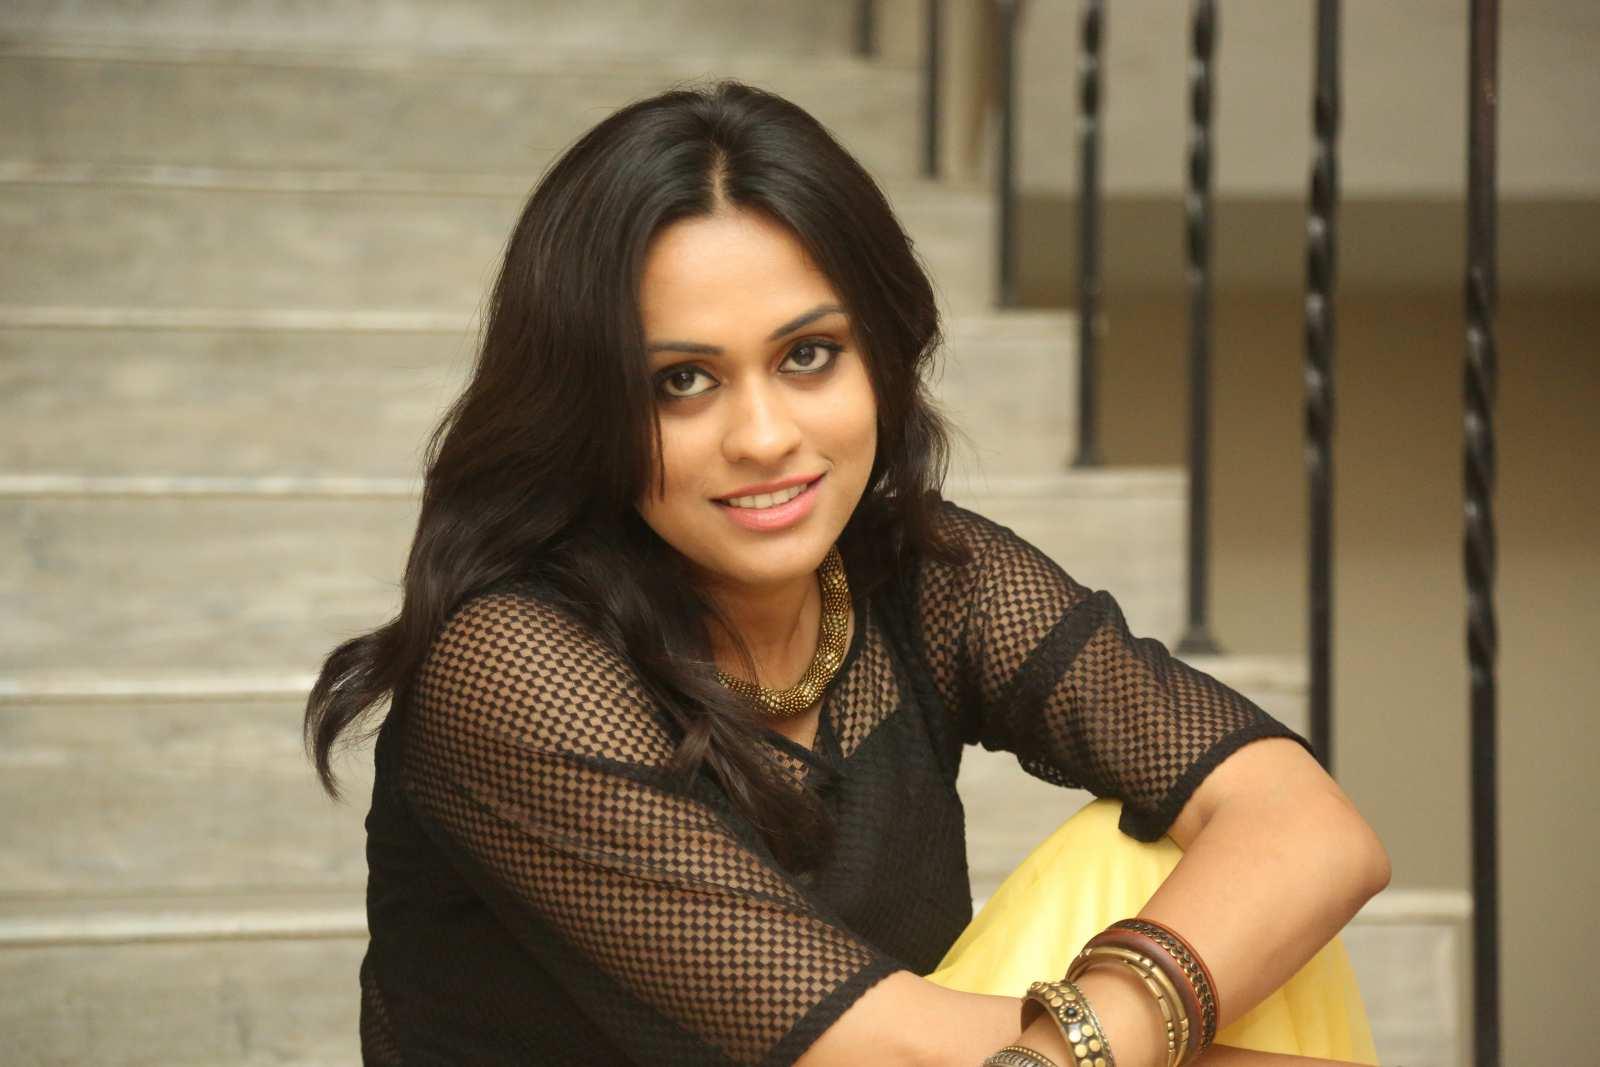 Geetha bhagath dazzling photos gallery-HQ-Photo-7